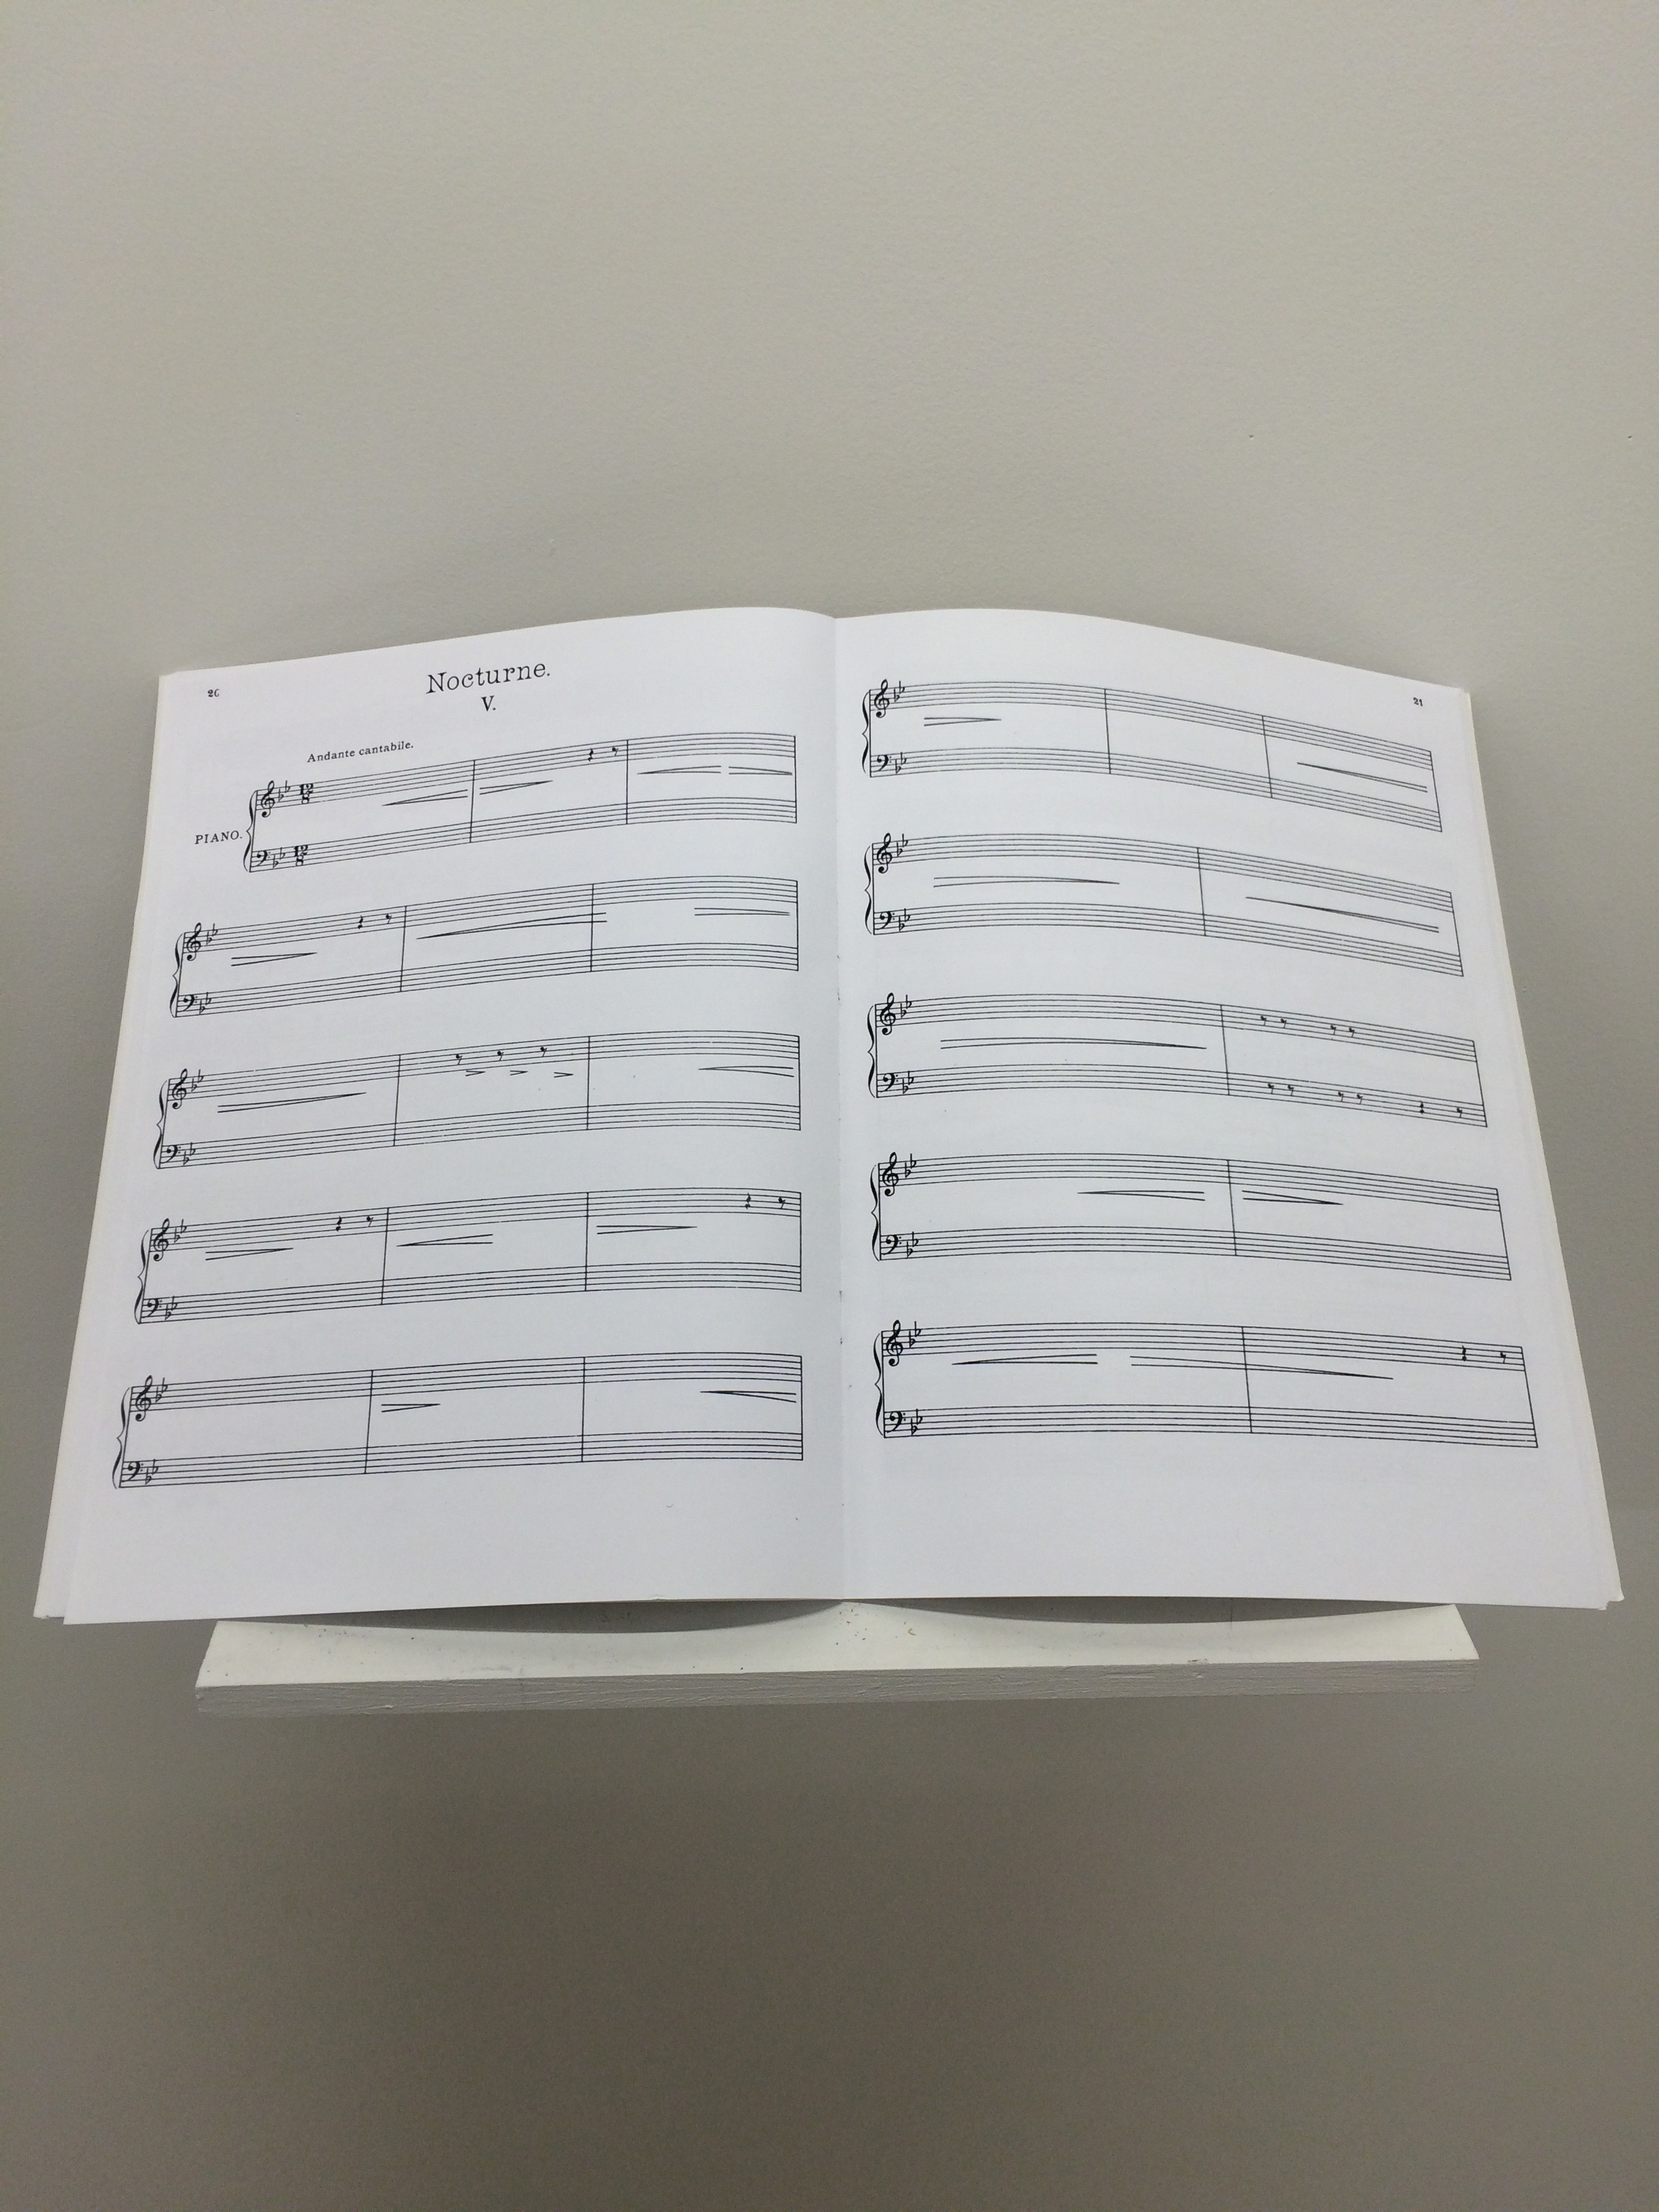 """Sylvia Matas, Nocturne, 2010, altered score, 18""""x9""""x0.5"""" (unavailable)"""